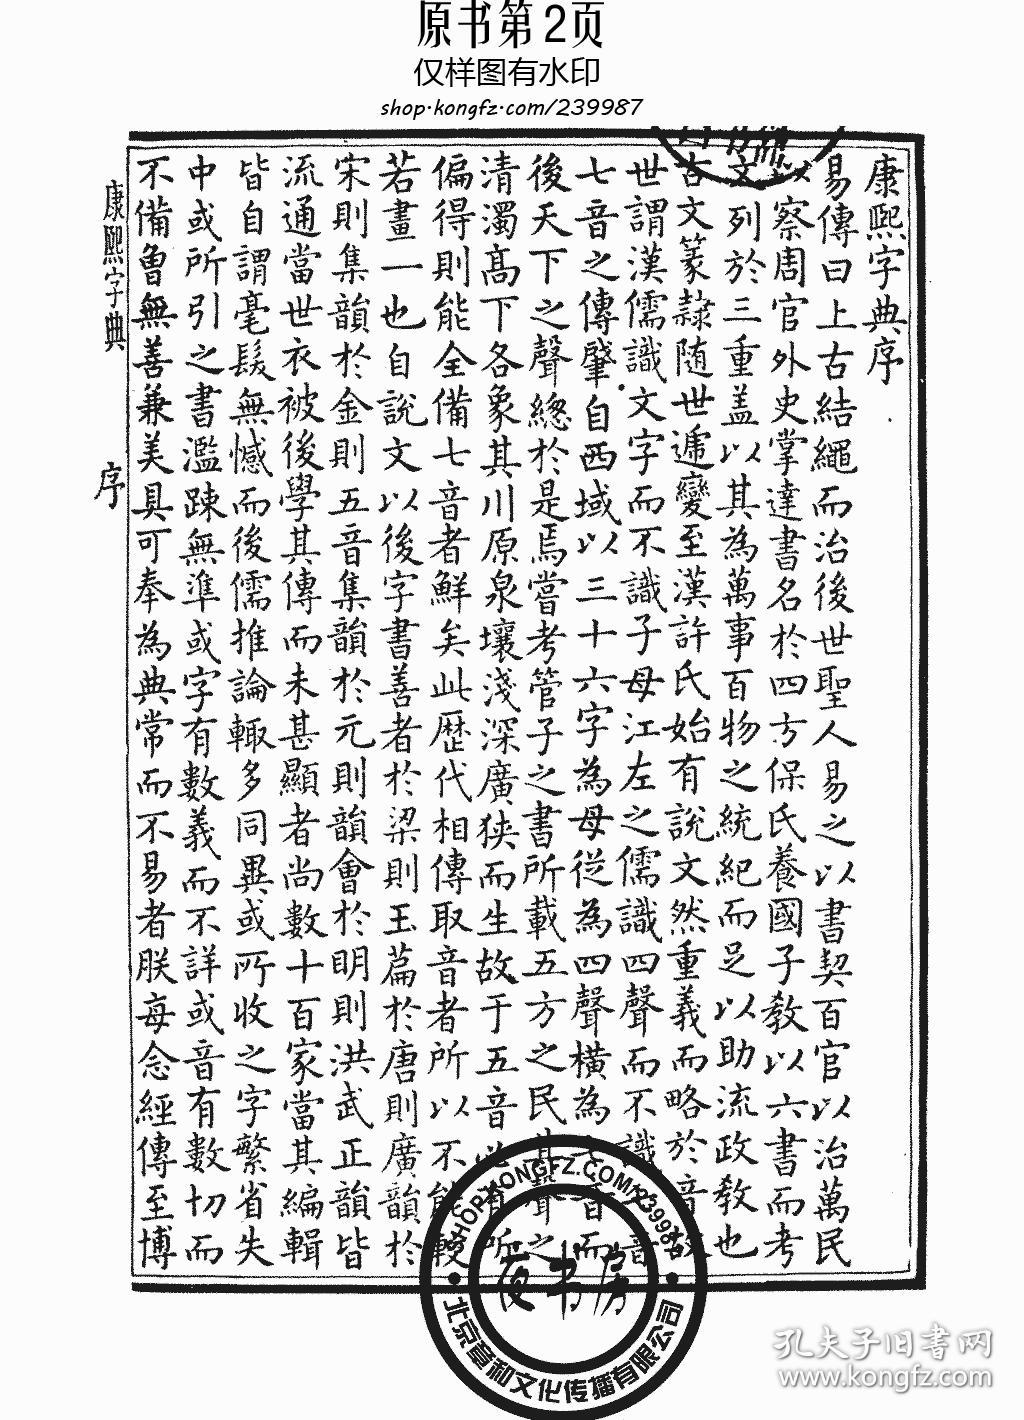 洋字康熙字典笔画